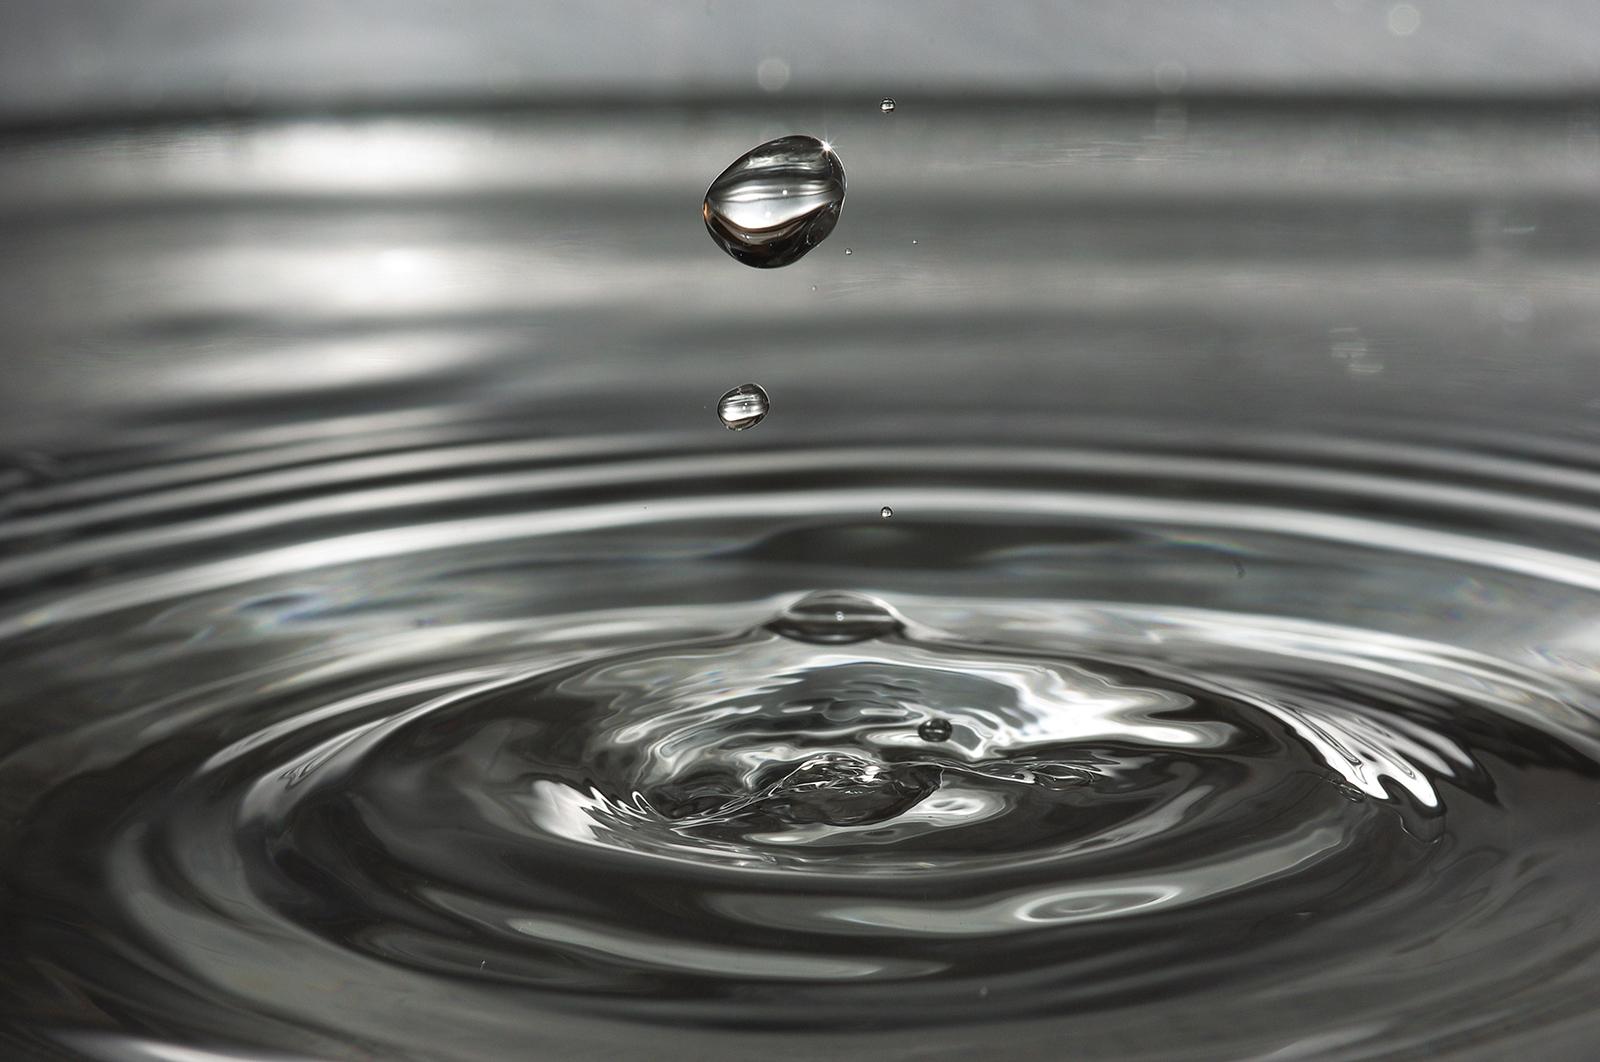 Drip, drip... drop!